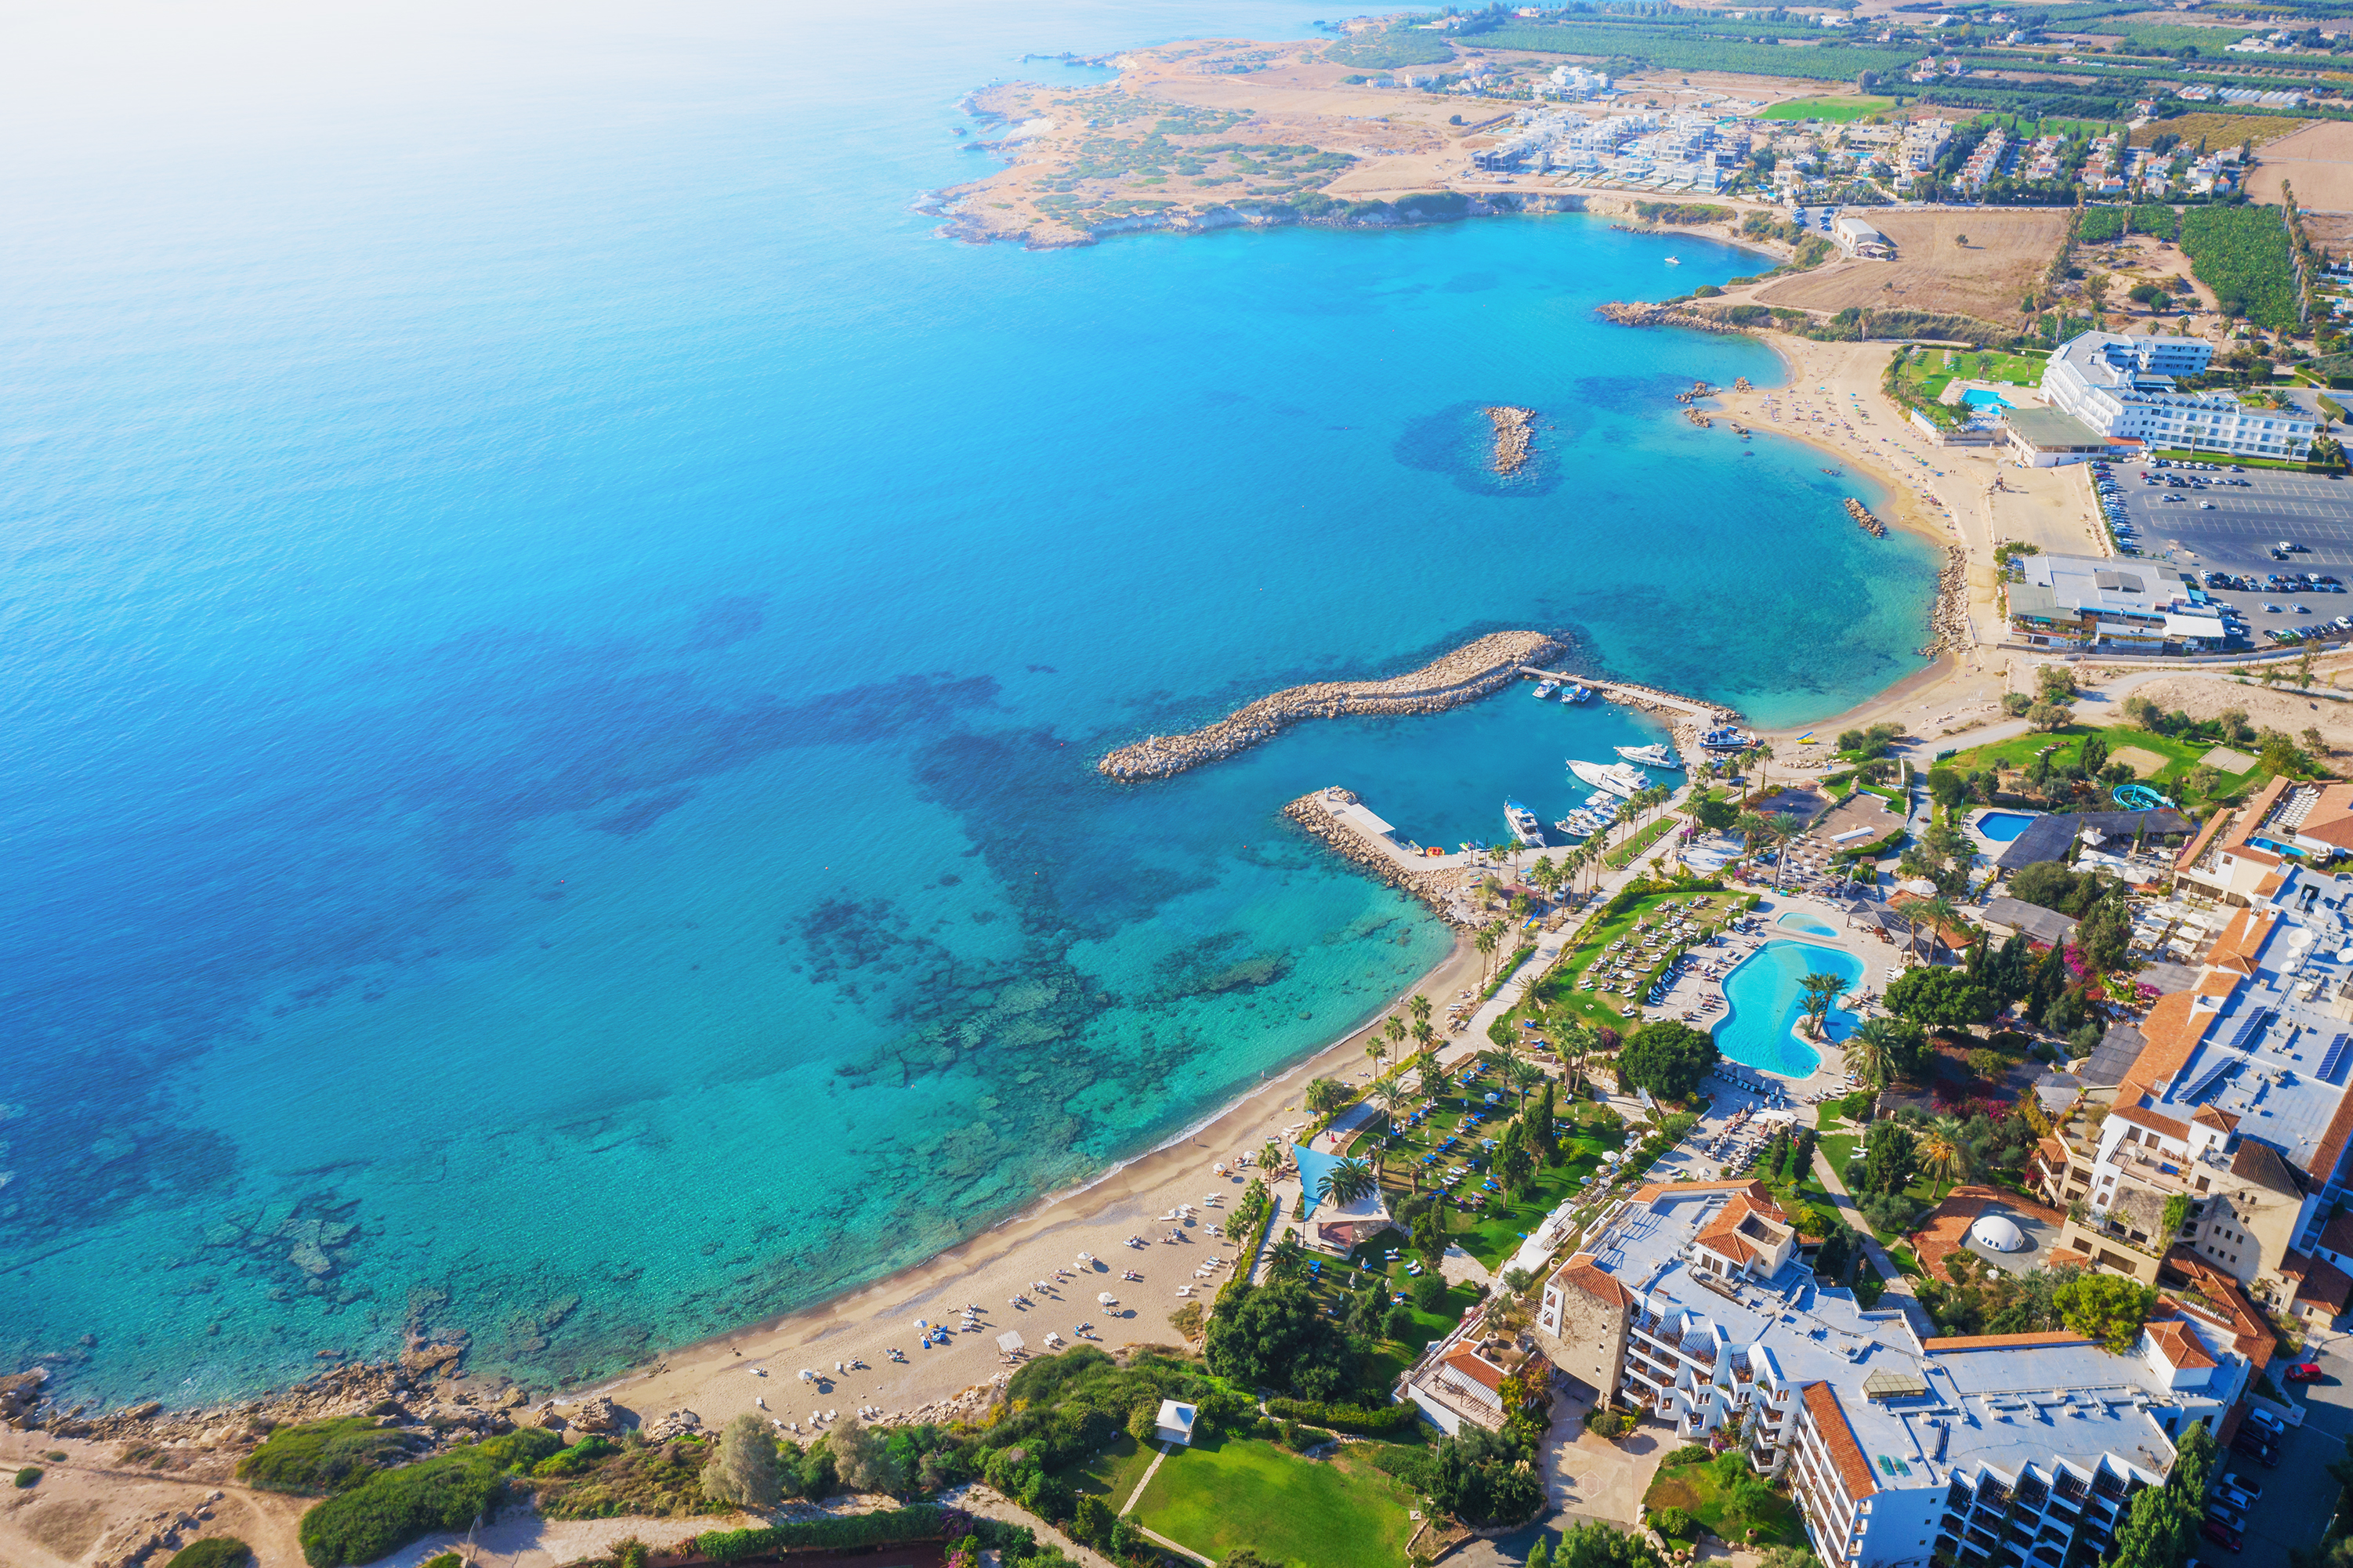 <p><strong>Кипър</strong></p>  <p>Правителството на Кипър постепенно отменя ограниченията по отношение на полетите от летищата в Ларнака и Пафос, както и работата на летищата и хотелите. От 9 юни се възобновяват въздушните полети, обяви министърът на транспорта Янис Карусос. &nbsp;Туристите, които пътуват до Кипър, трябва да предоставят удостоверение, че не са болни от COVID-19. За тези, които се разболеят по време на престоя си, могат да бъдат настанени в болница, която е пригодена само за туристи. Освен това държавата е осигурила хотел за туристи под карантина.</p>